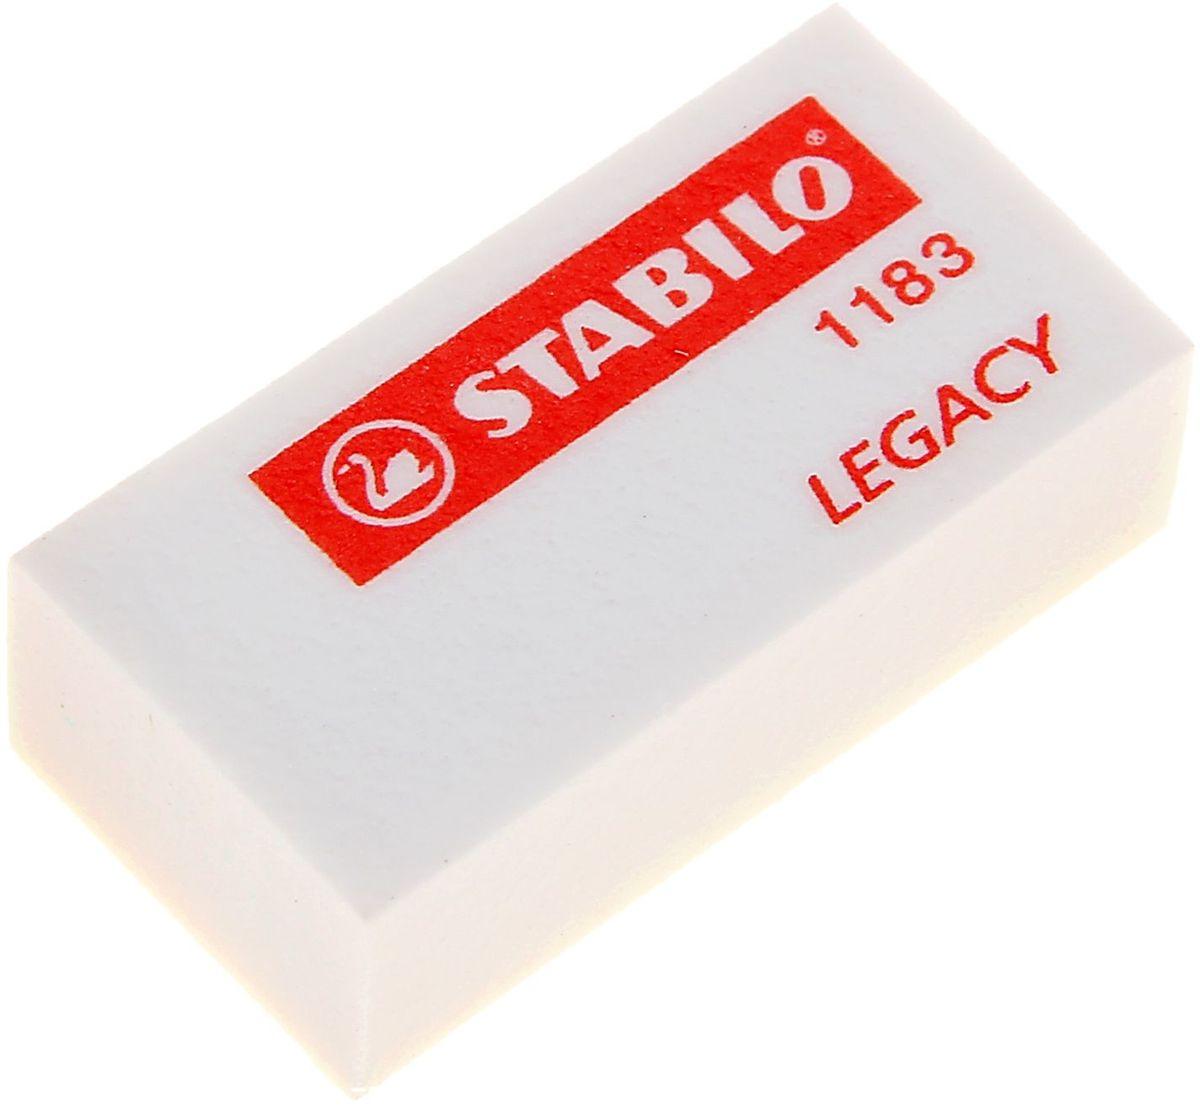 Stabilo Ластик1060304Ластик — канцелярская принадлежность, предназначенная для удаления карандашных (иногда чернильных) надписей с бумаги и других поверхностей.Ластик Stabilo выполнен из синтетики.Он обладает важными качествами, которые помогают ему убирать следы пишущего предмета с бумаги. Ластик отличается абразивными (шлифующими) свойствами, которые необходимы для удаления остаточных следов карандаша с бумажной поверхности.Такое канцелярское изделие станет отличным помощником для детей и взрослых в любых ситуациях: в школе, на работе или дома!